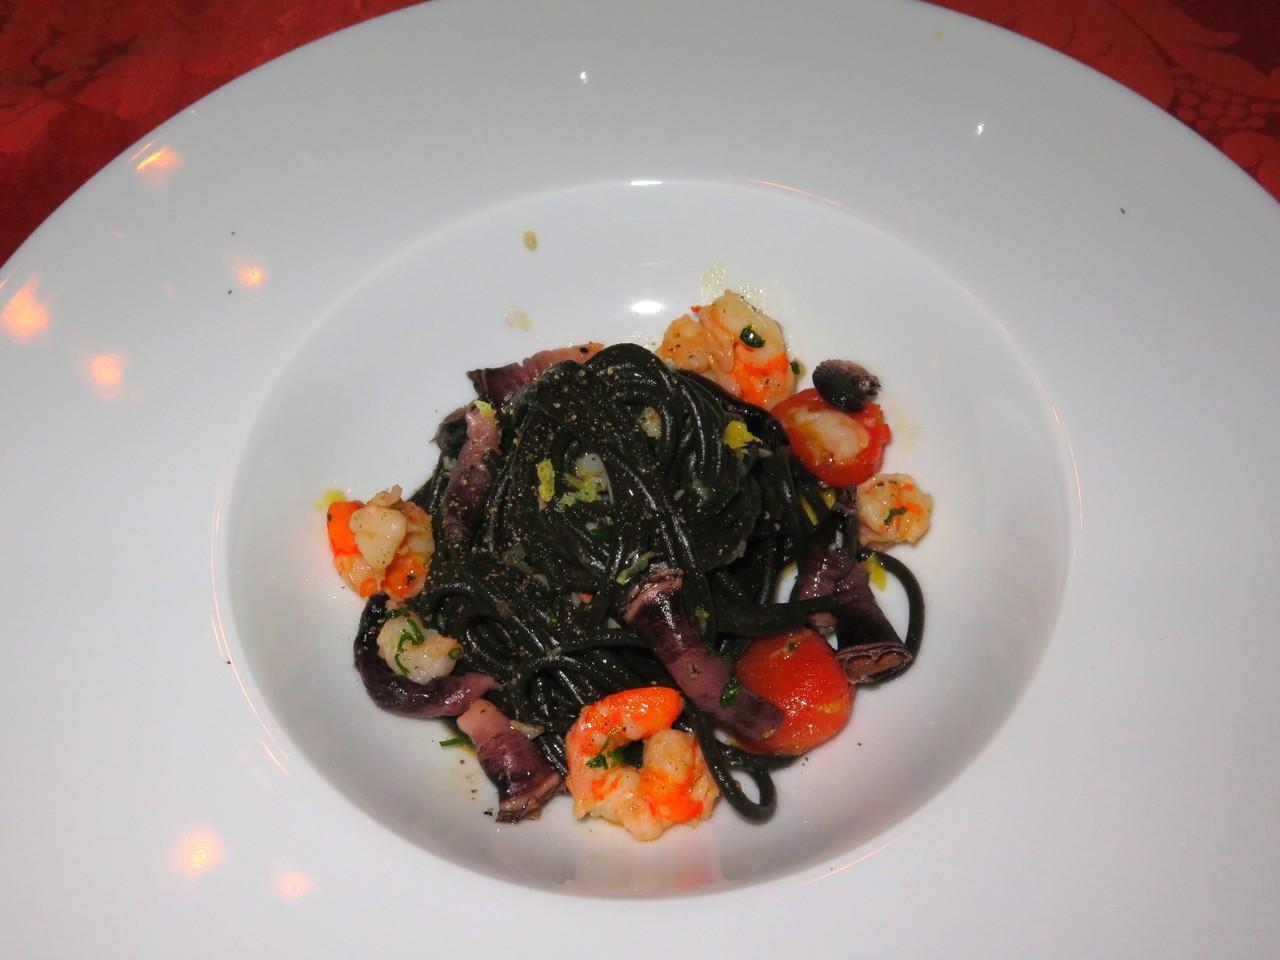 Spaghetti nero con gambretti di Algarve e percebes di Berlengas